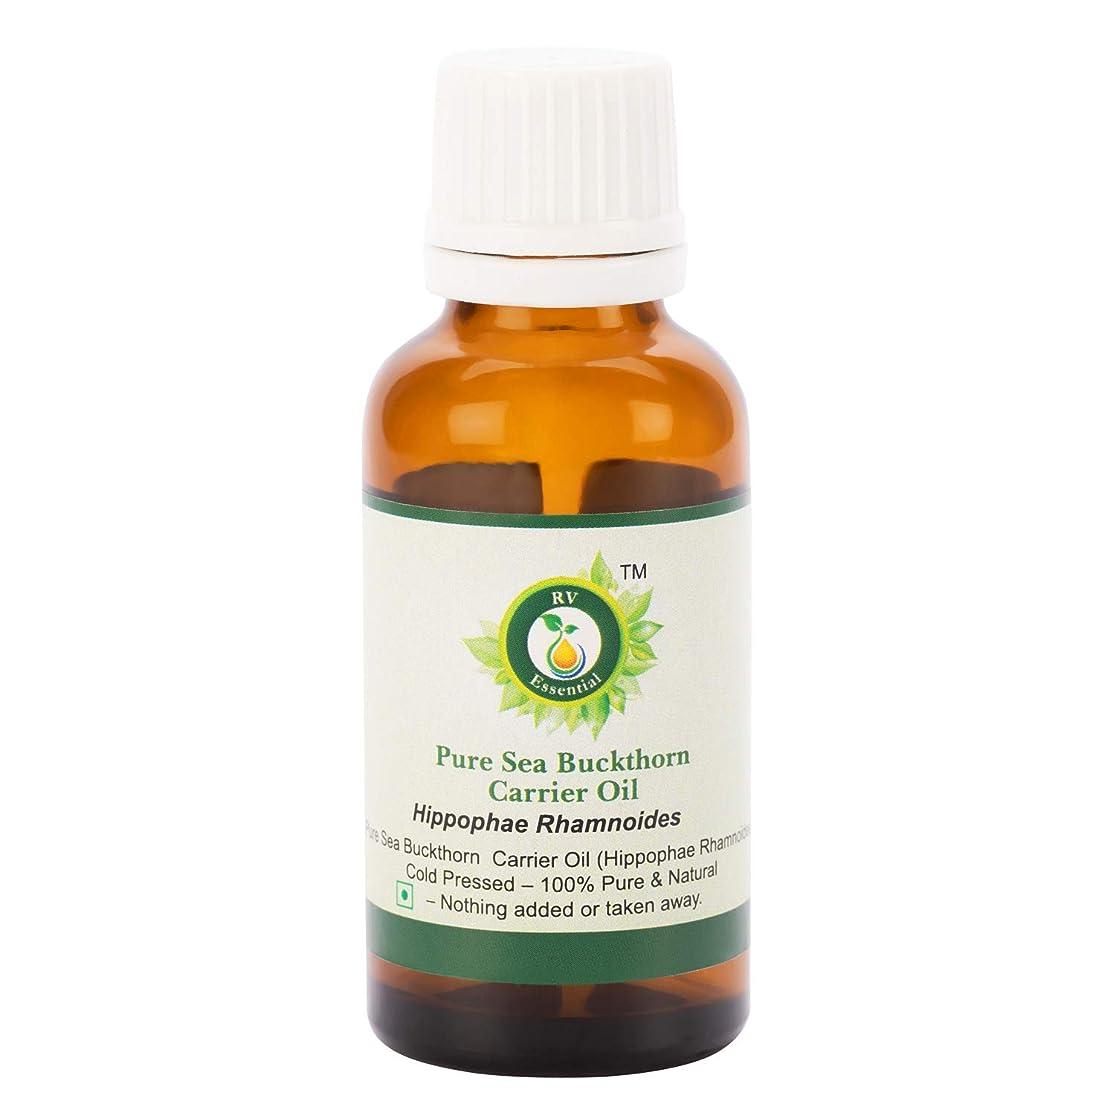 表示噴火怠惰ピュアSea Buckthornキャリアオイル300ml (10oz)- Hippophae Rhamnoides (100%ピュア&ナチュラルコールドPressed) Pure Sea Buckthorn Carrier Oil